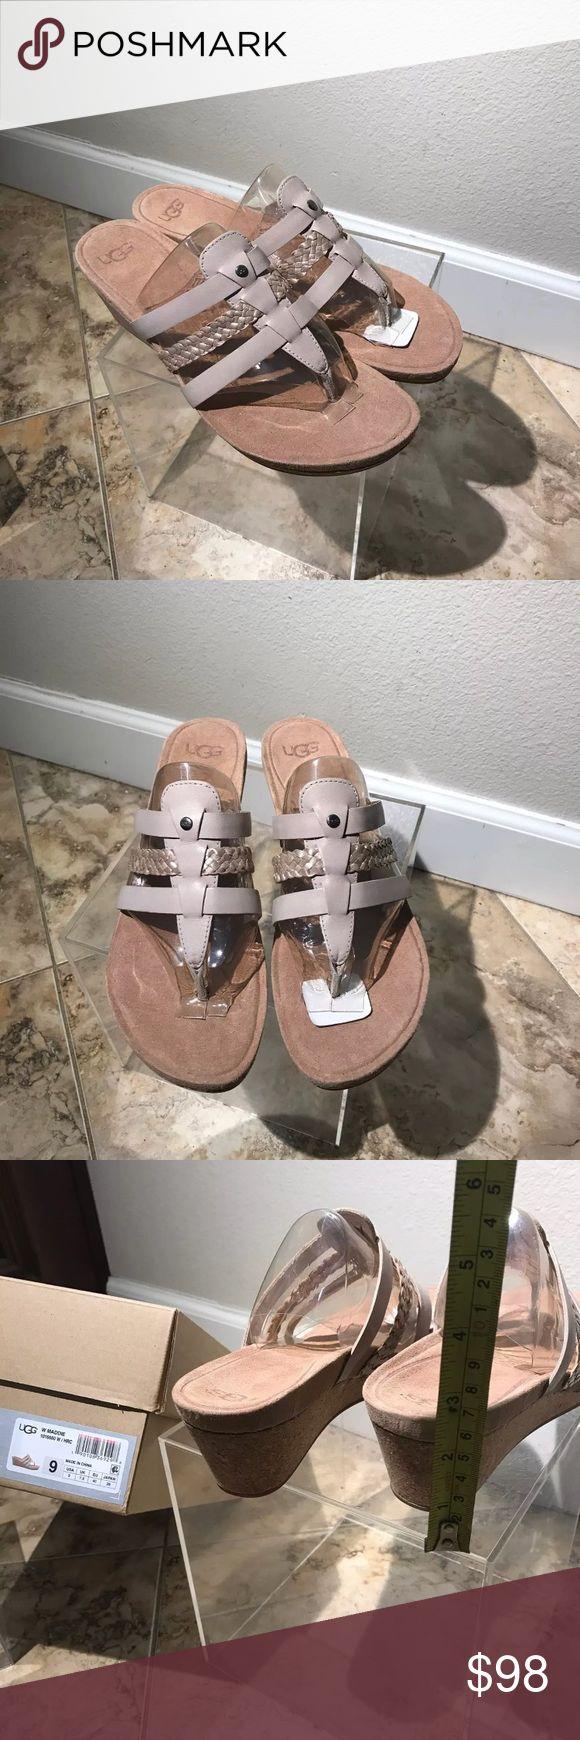 Ugg flip flops size 9 Maddie sandals Nib women's Ugg flip flops / Slides / Sandals Women's Shoes Size 9 Maddie beige UGG Shoes Sandals